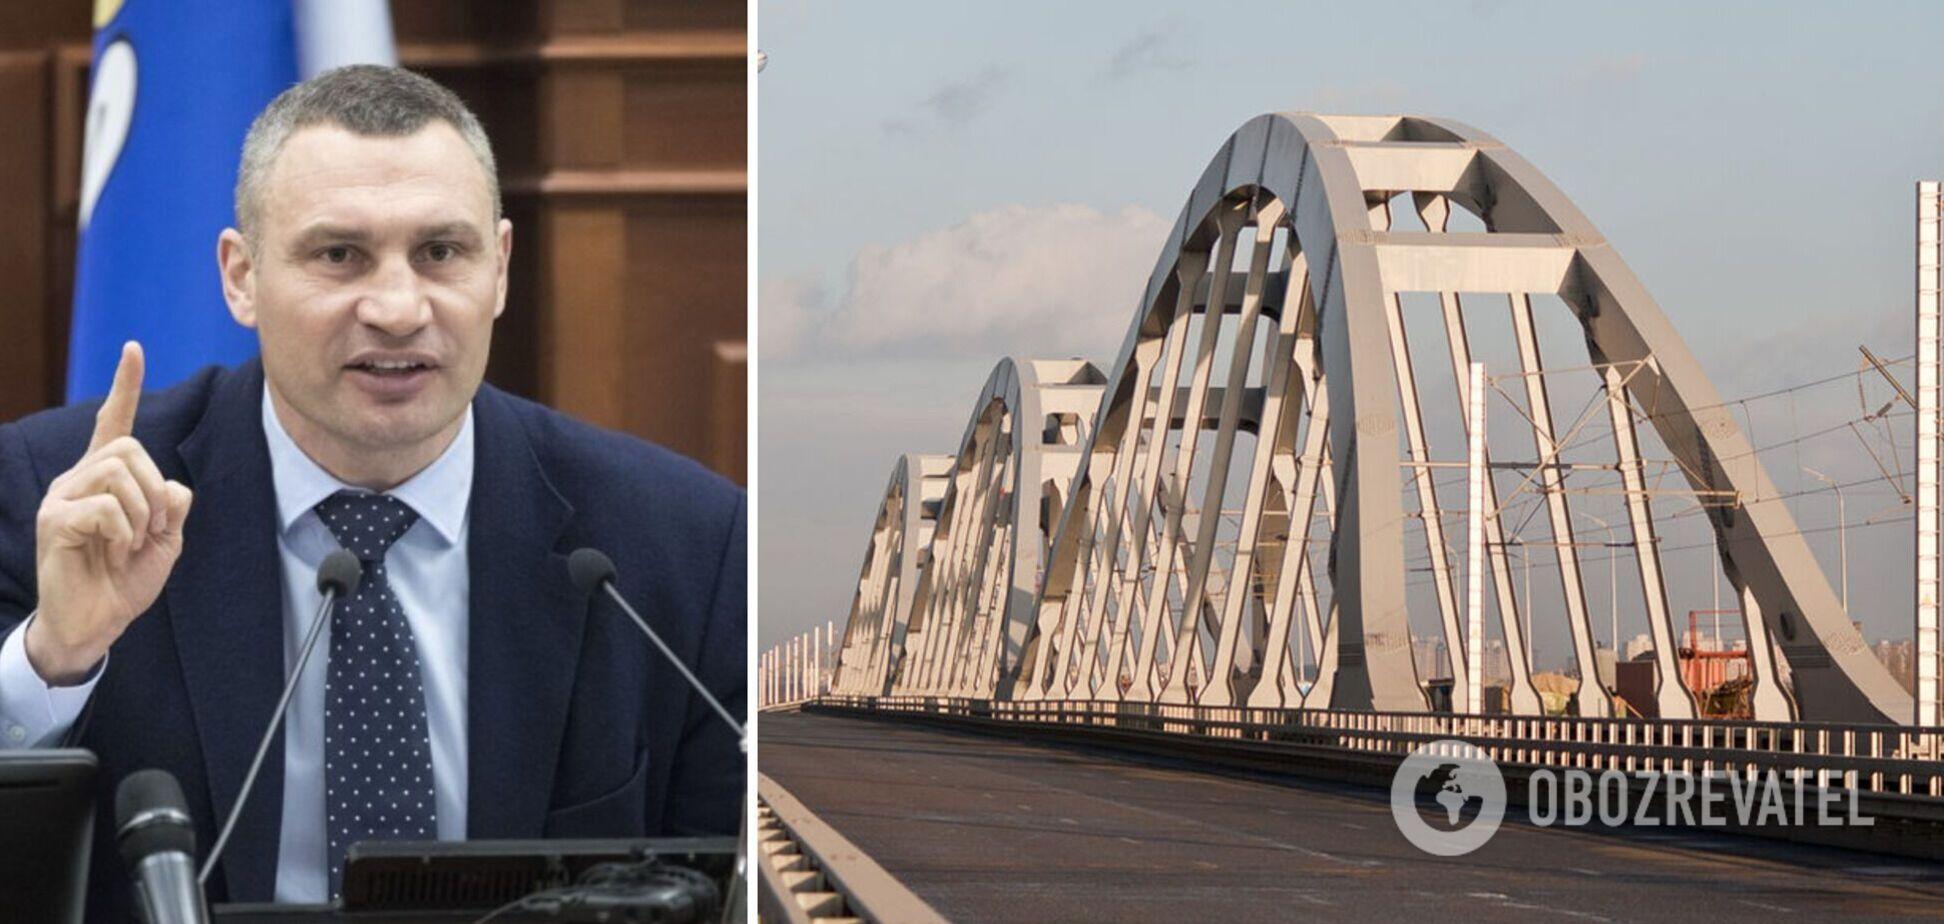 Кличко ответил на обвинения ОП относительно Дарницкого моста в Киеве